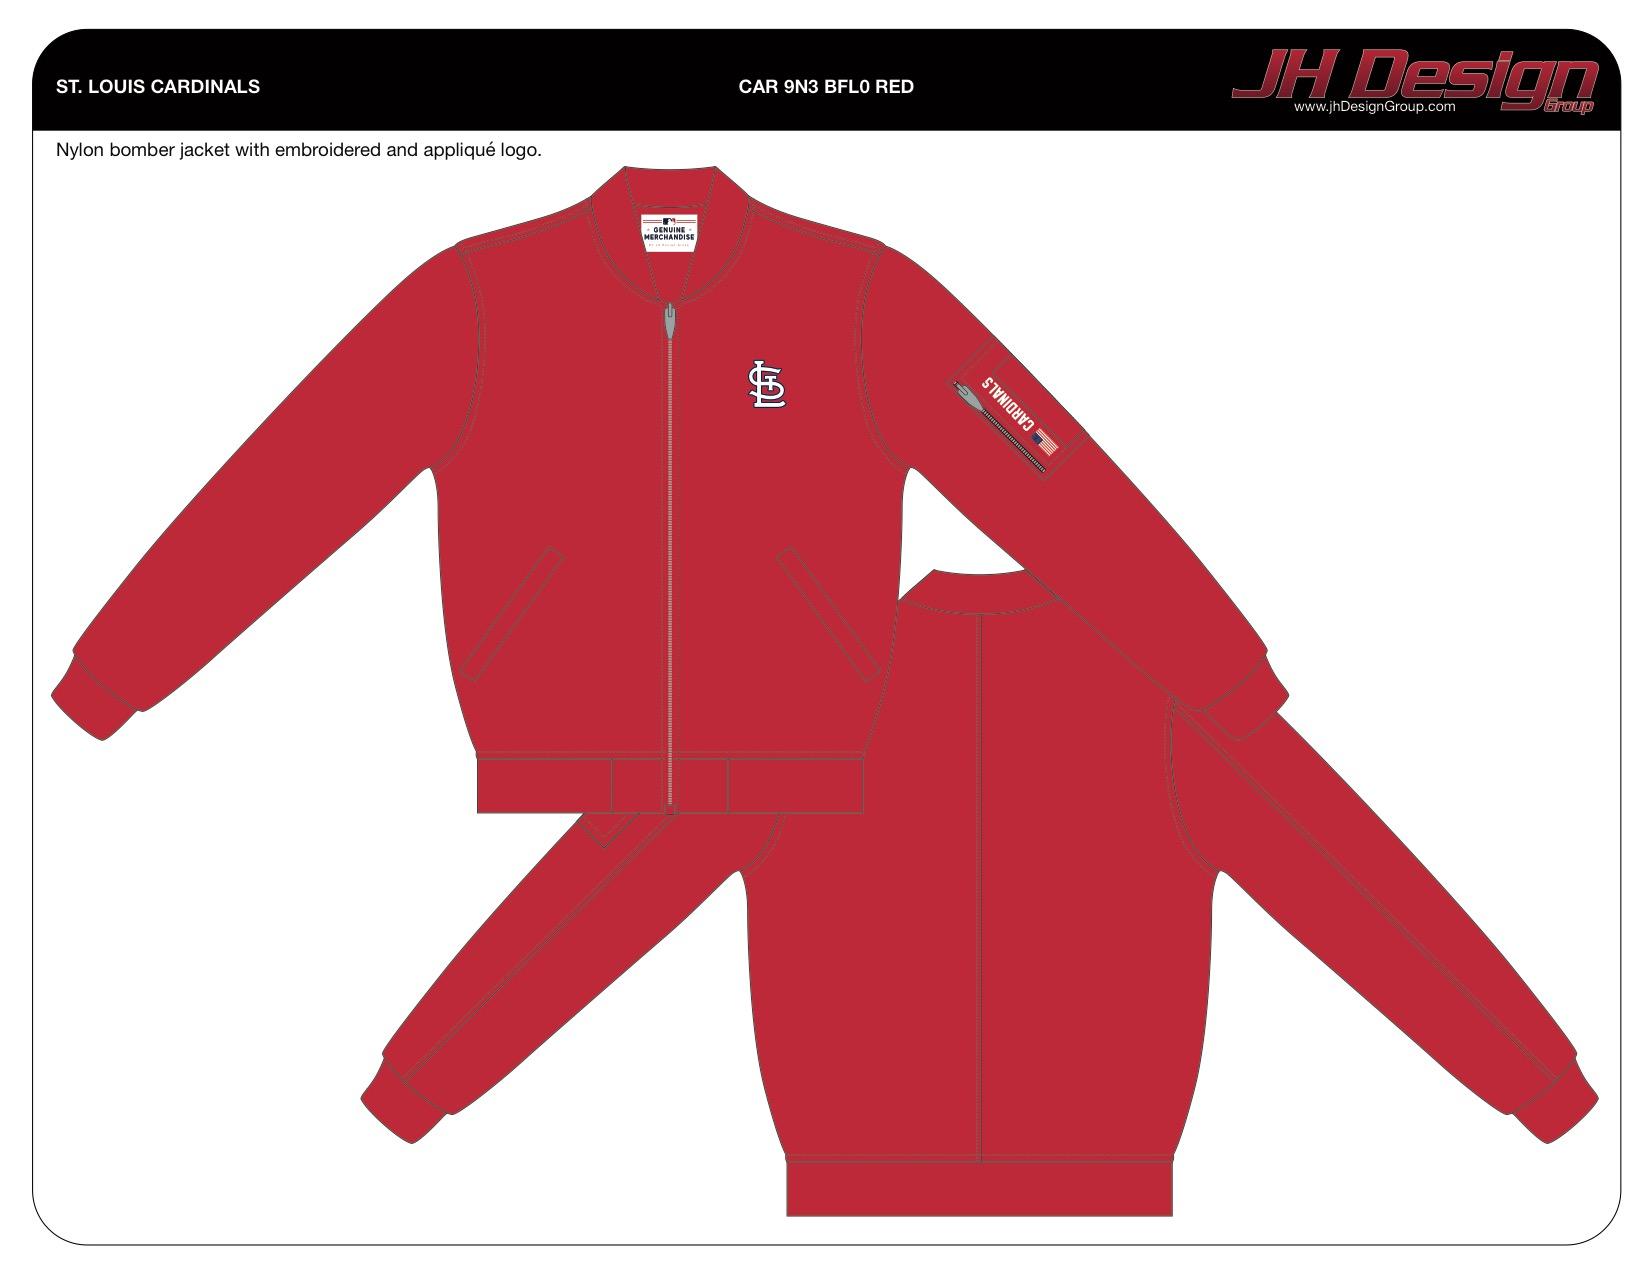 CAR 9N3 BFL0 RED